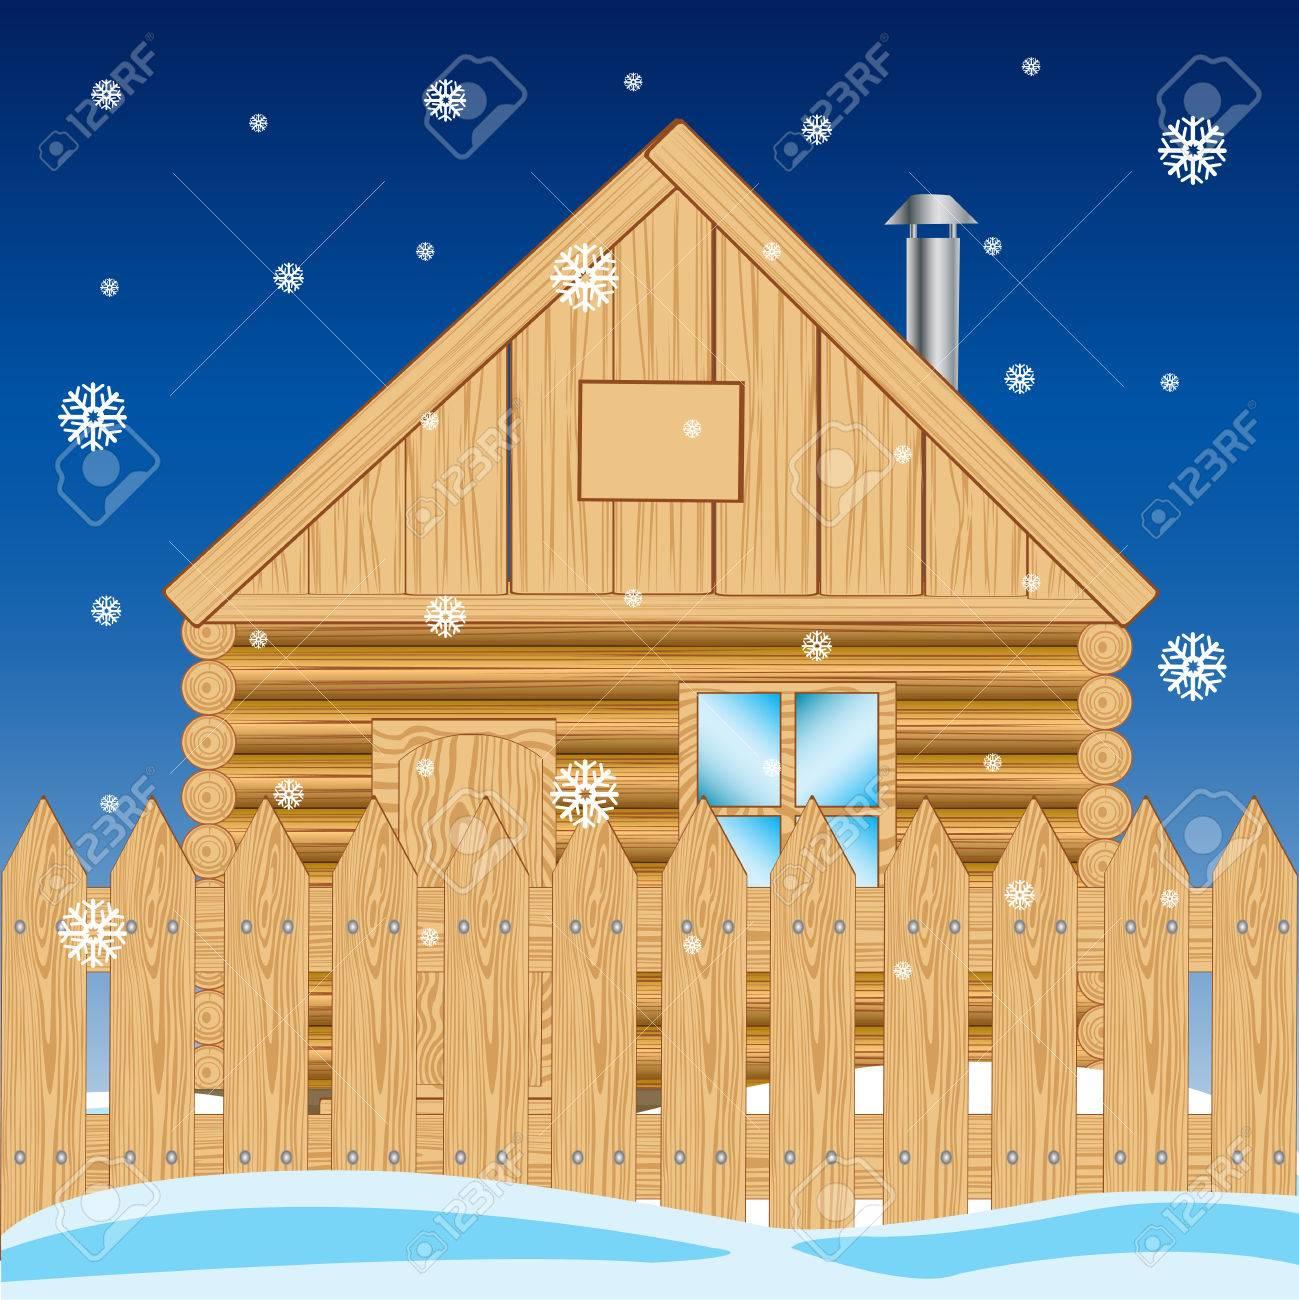 Haus Mit Weißen Lichtern Zu Weihnachten Dekoriert Standard Bild   26573368